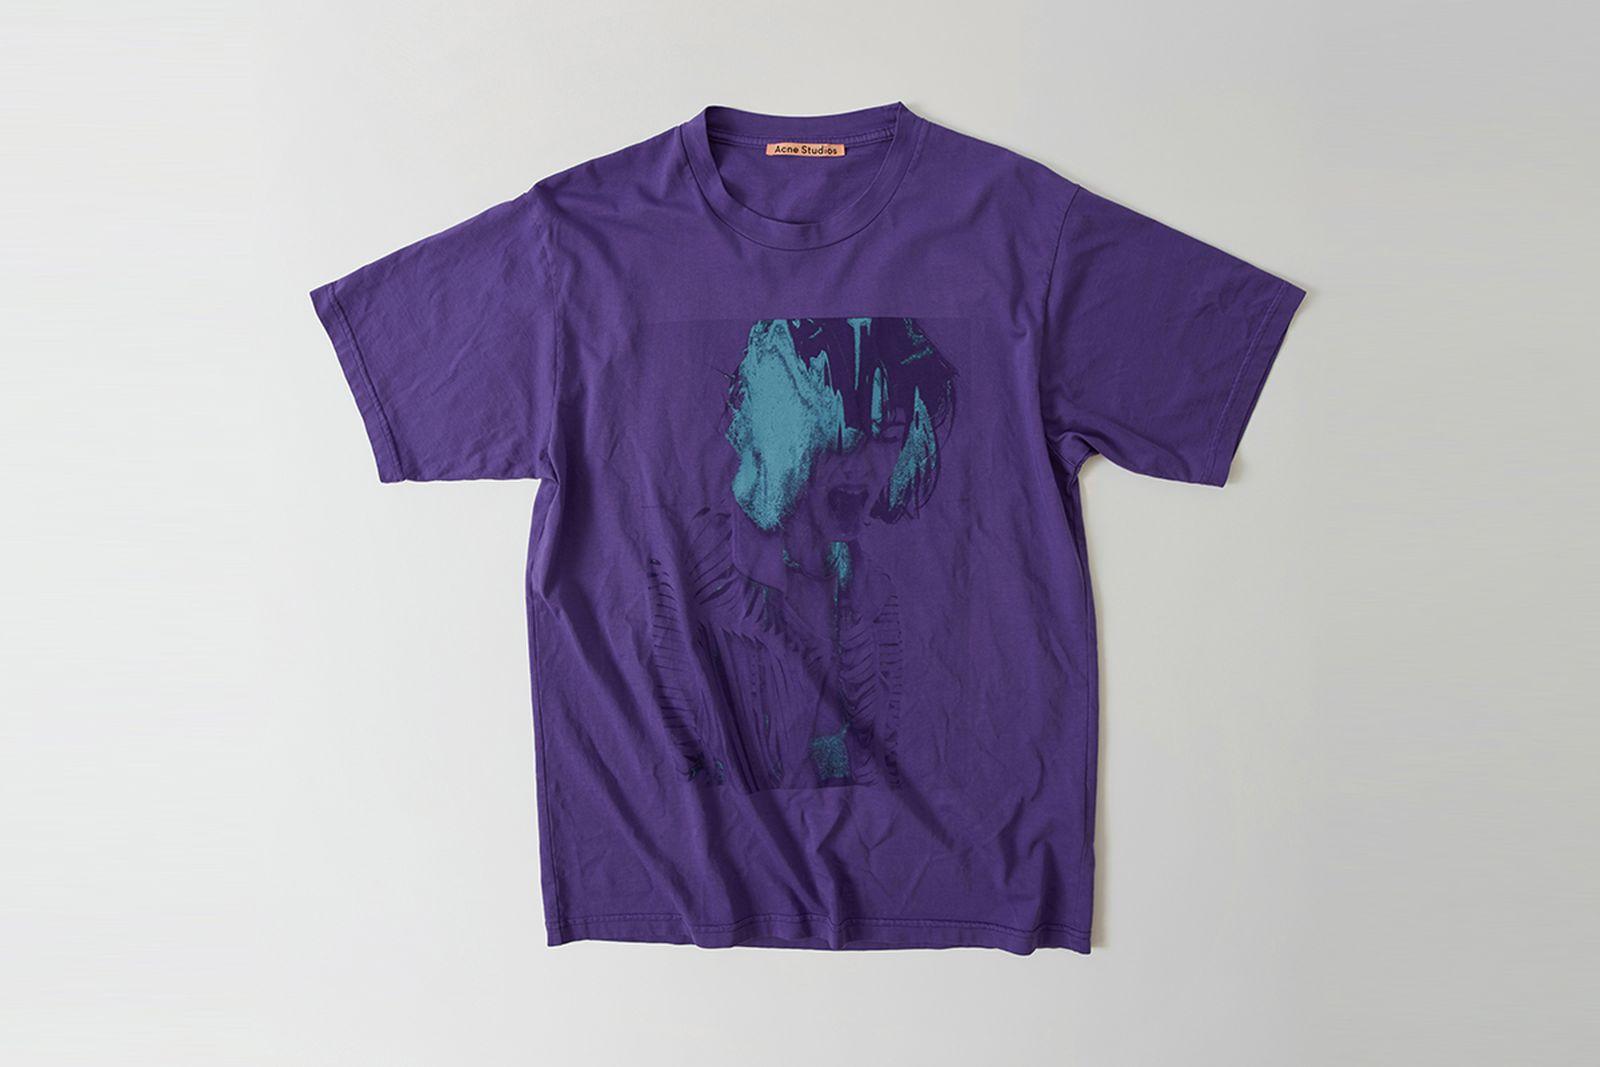 ss ux tshi000002 grape purple Acne Studios SS18